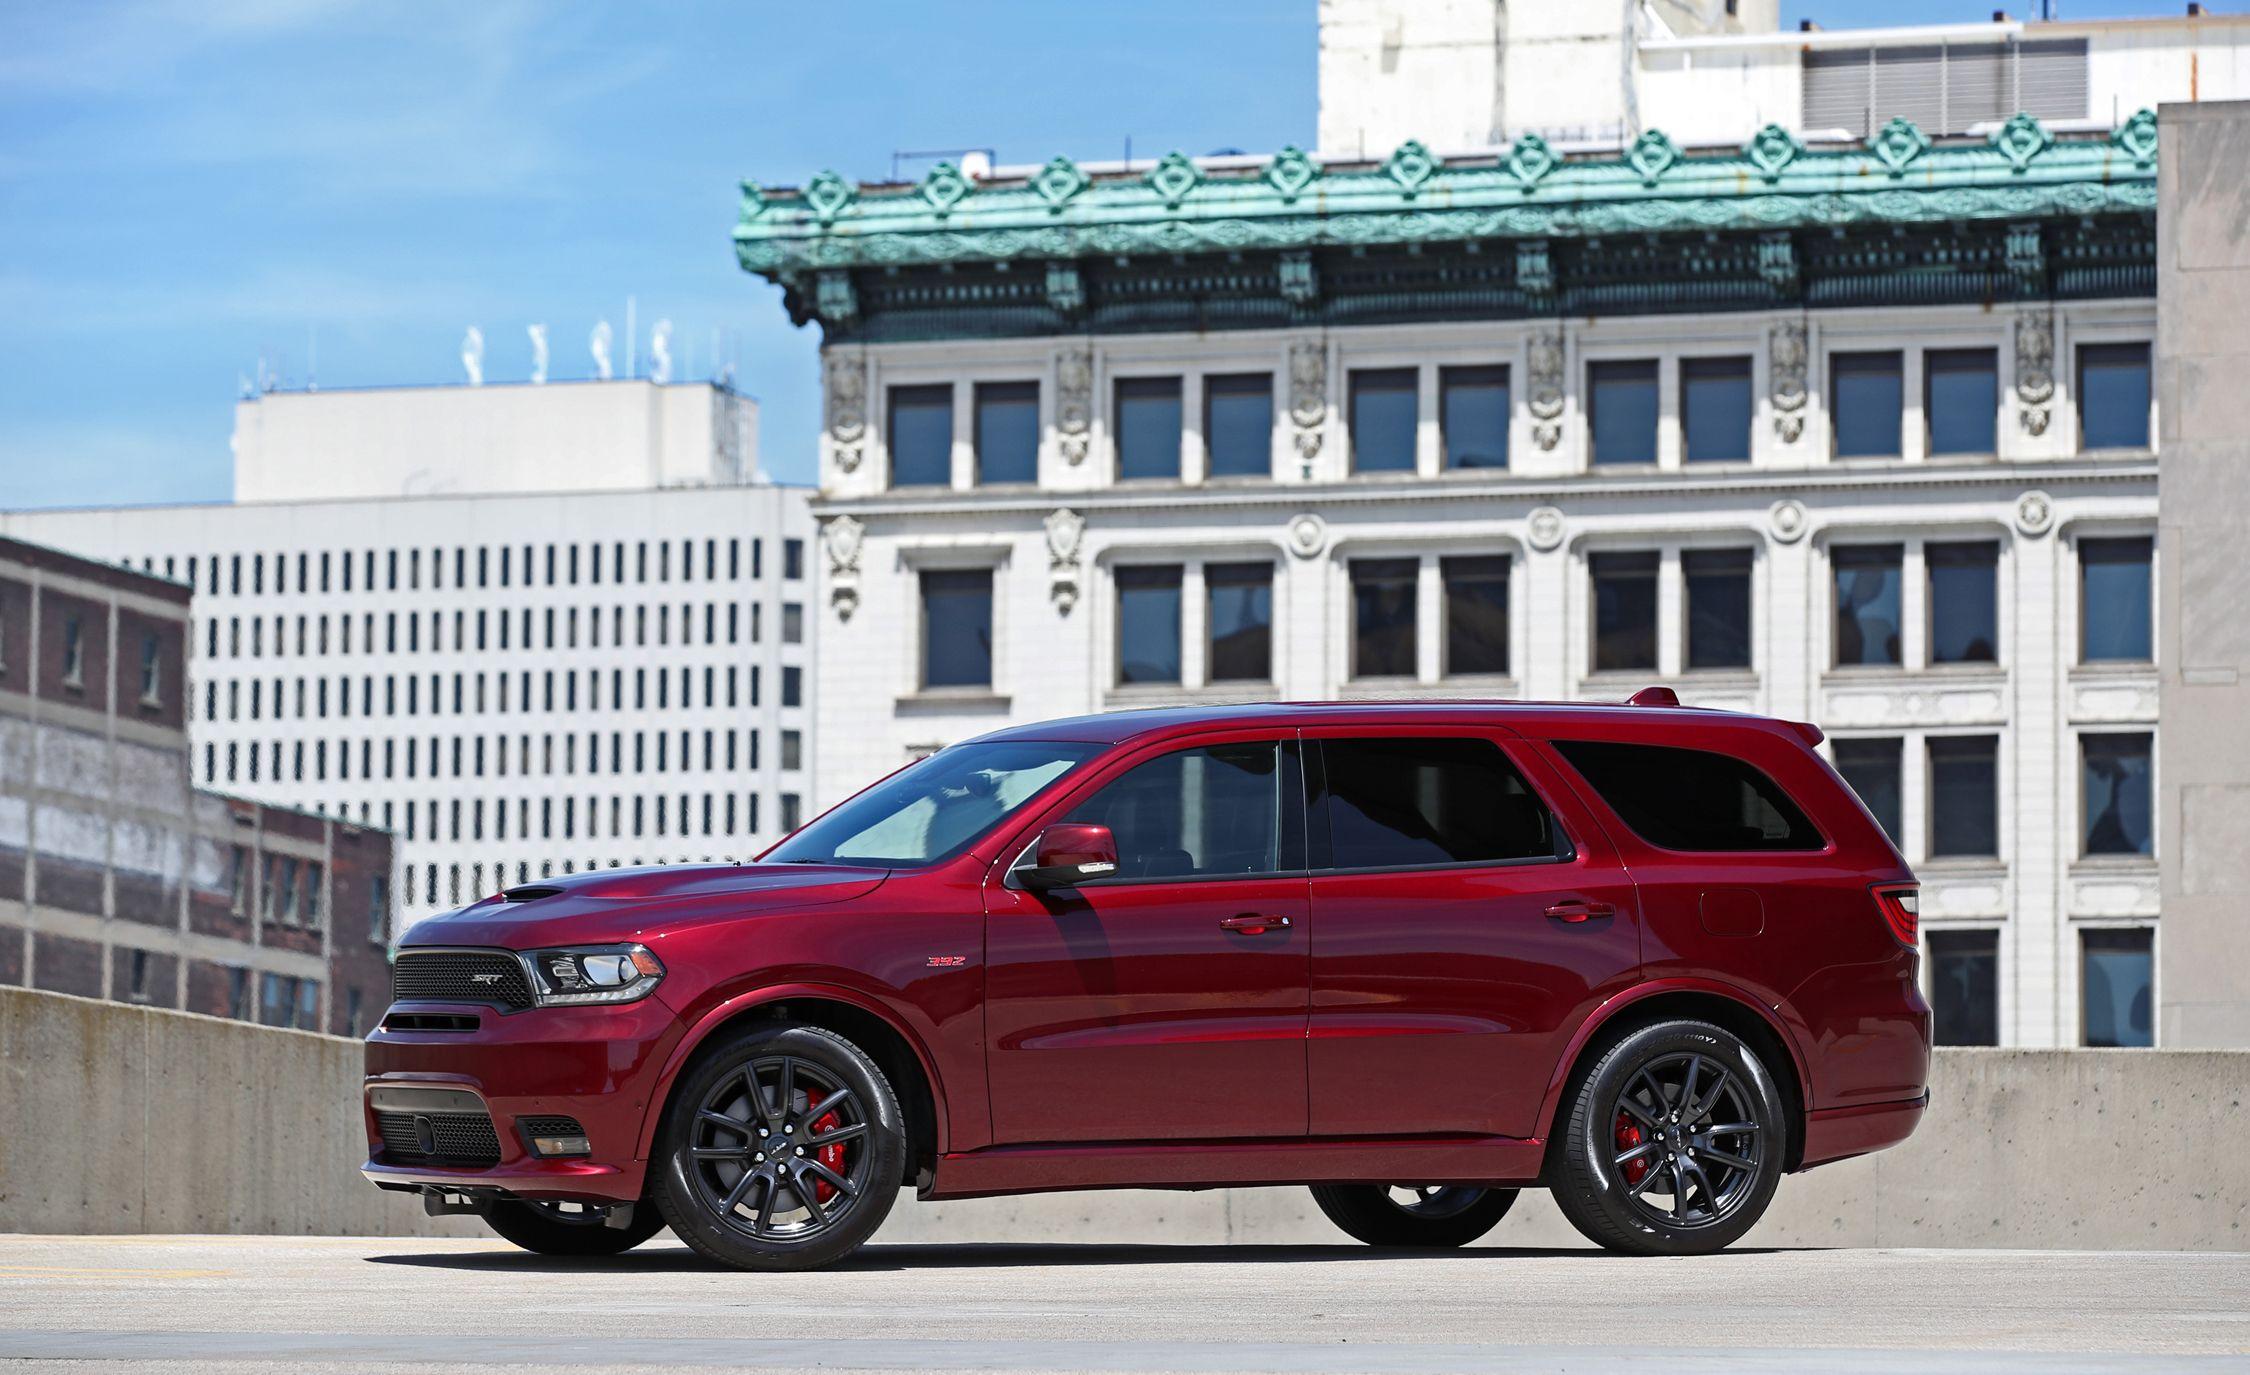 2018 Dodge Durango Srt Interior And Penger E Review Car Driver